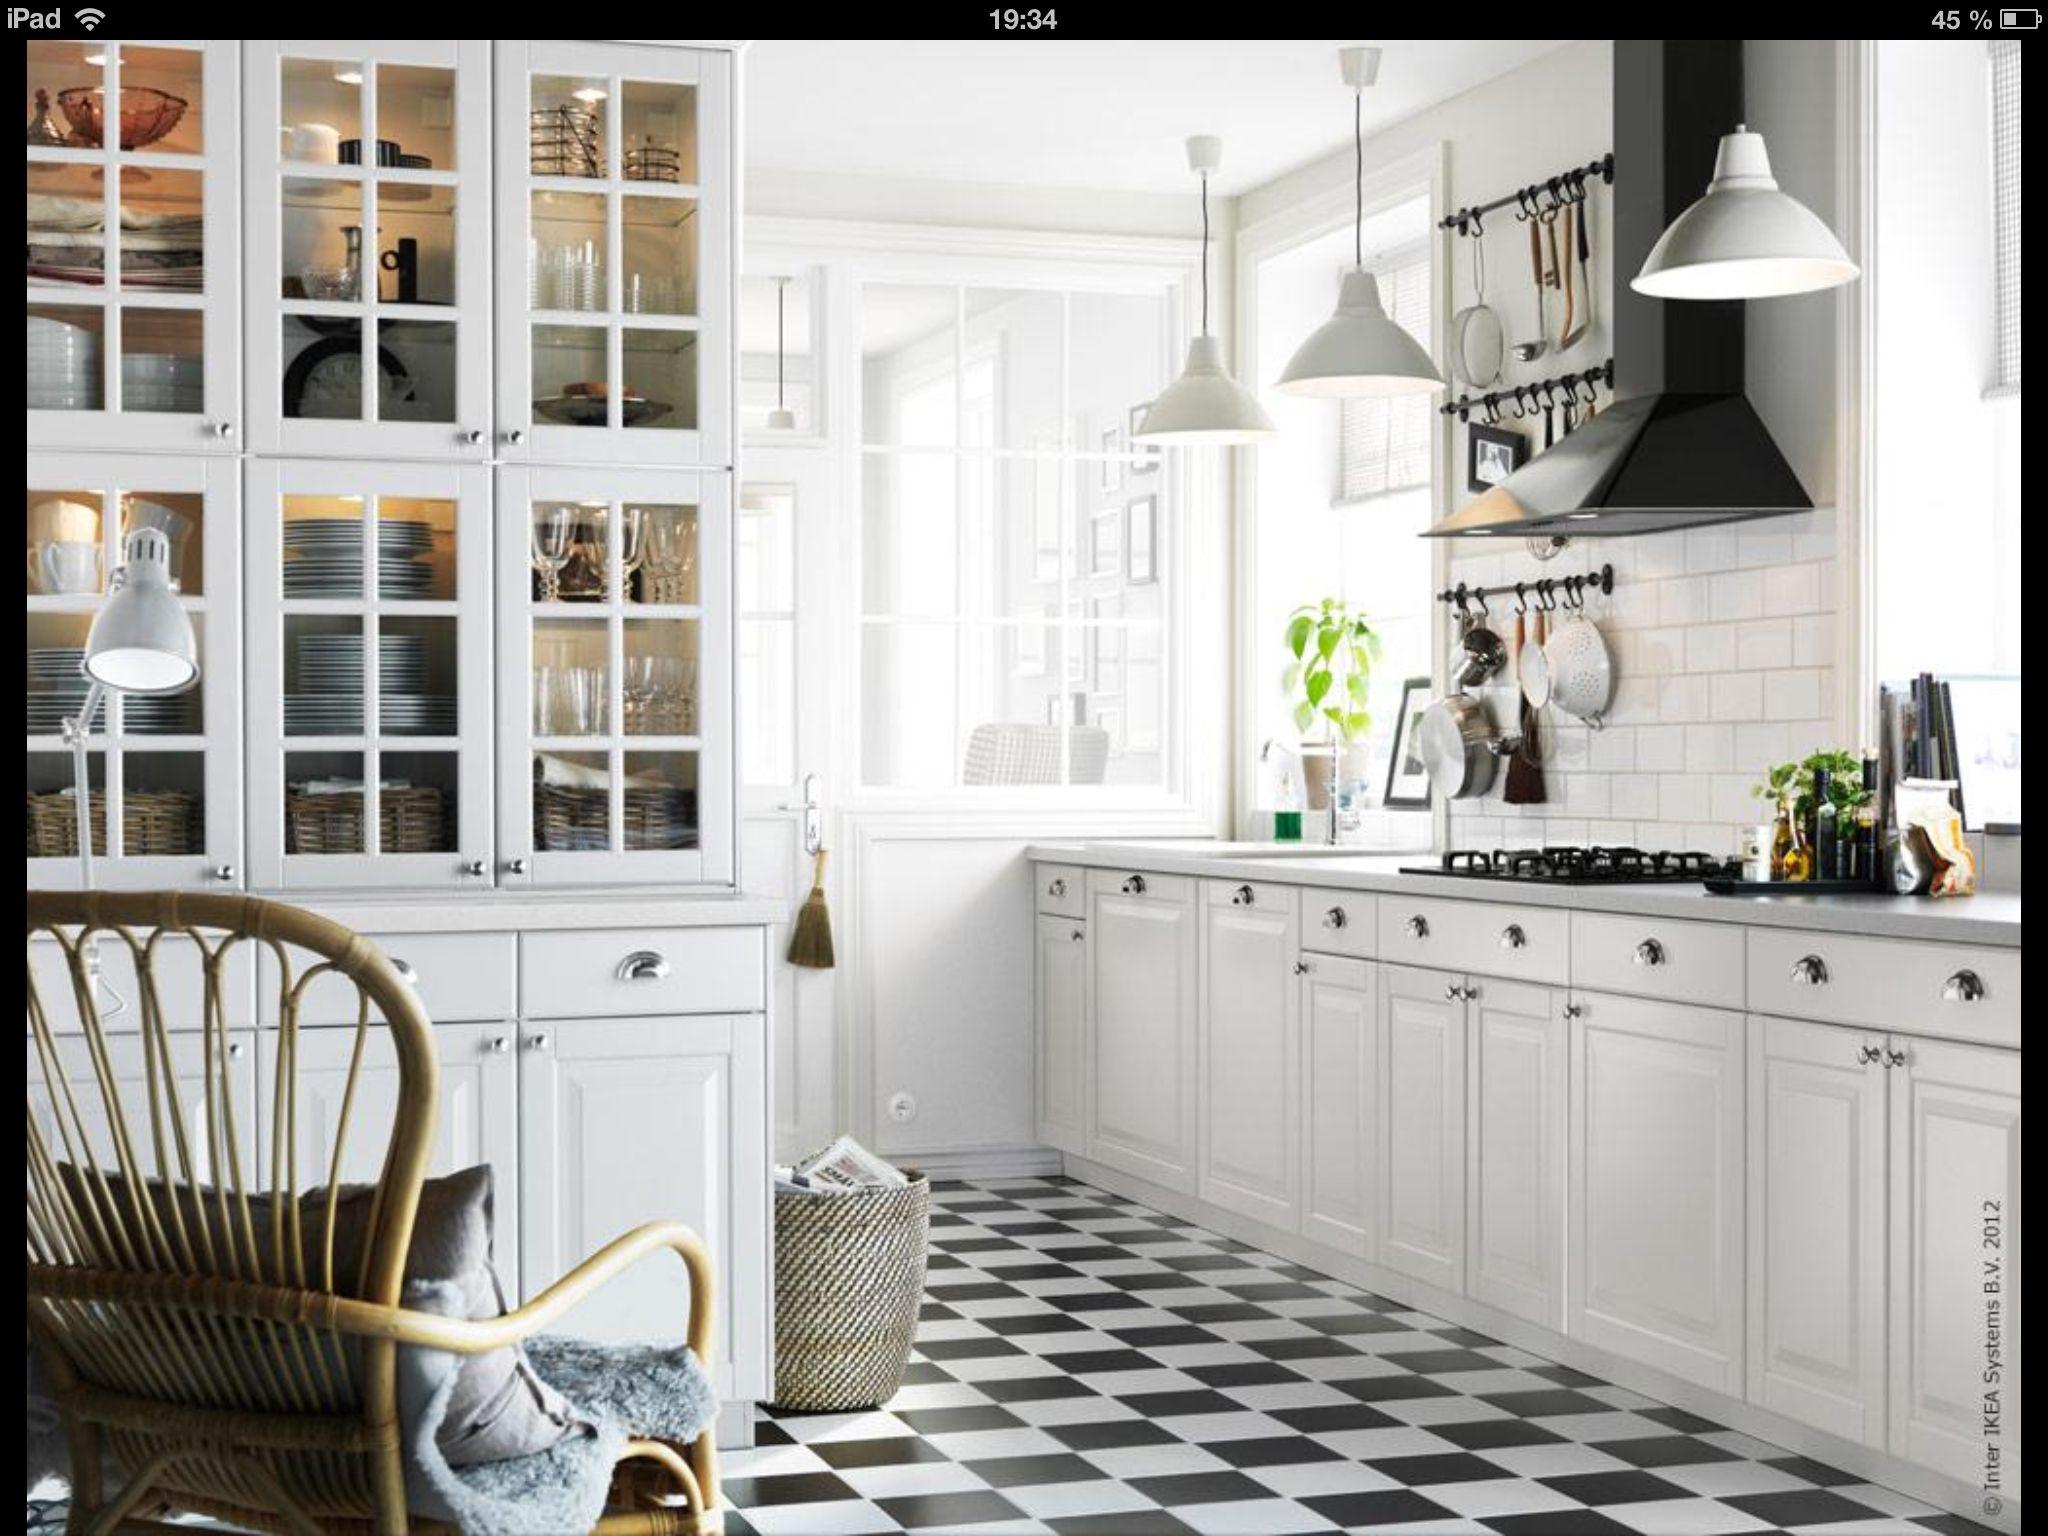 ikea kchen angebote elegant super angebot schne ikea kche extrem gnstig zu verkaufen with ikea. Black Bedroom Furniture Sets. Home Design Ideas